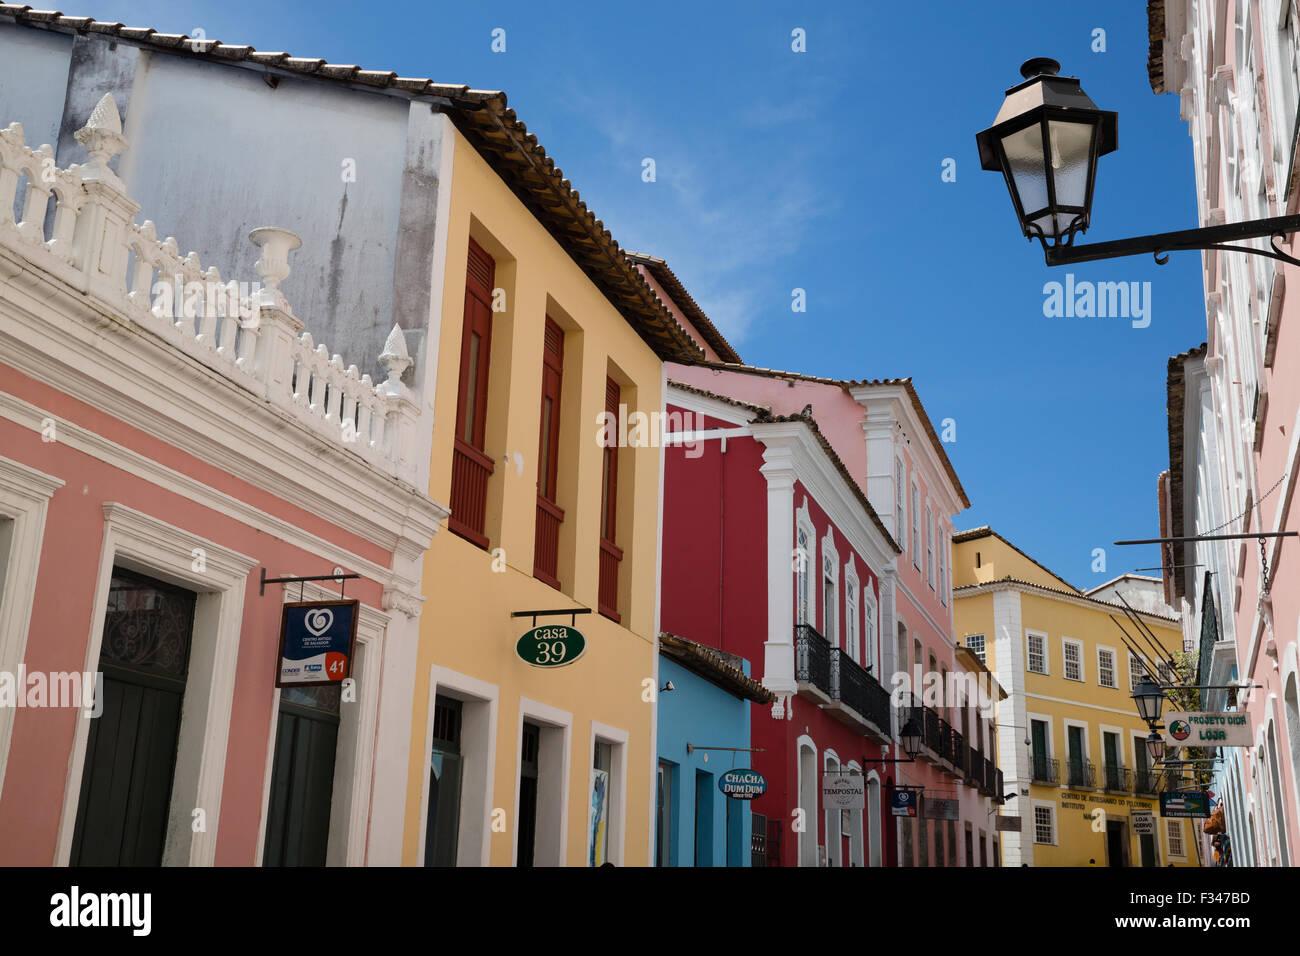 L'architecture coloniale de la vieille ville, Salvador, Brésil Photo Stock